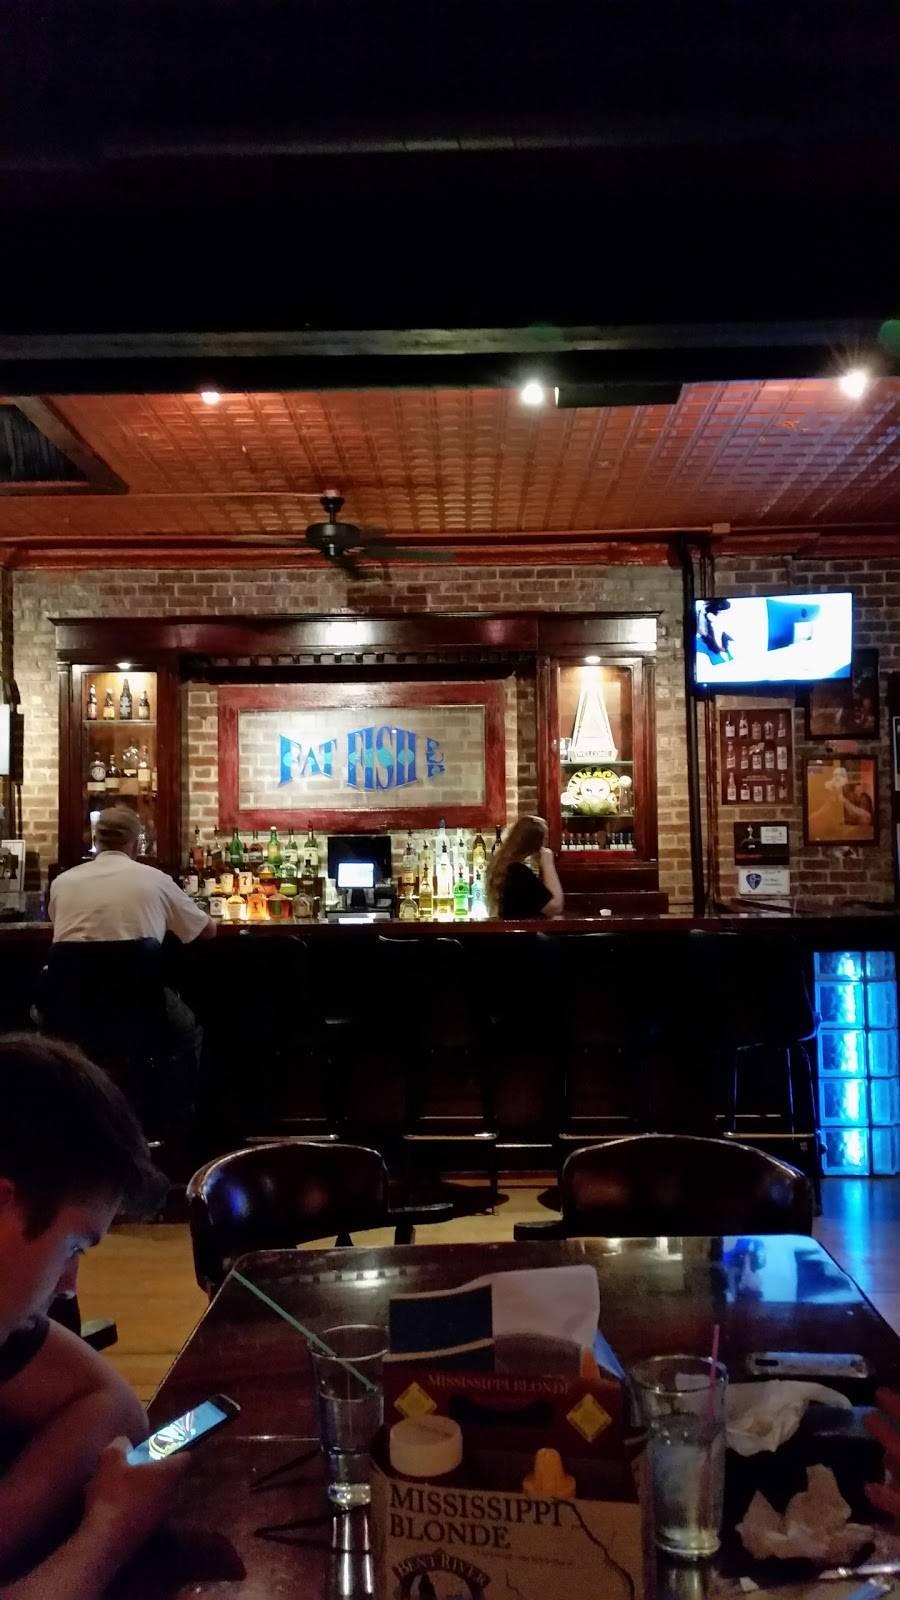 Fat Fish Pub   night club   158 N Broad St, Galesburg, IL 61401, USA   3092974386 OR +1 309-297-4386